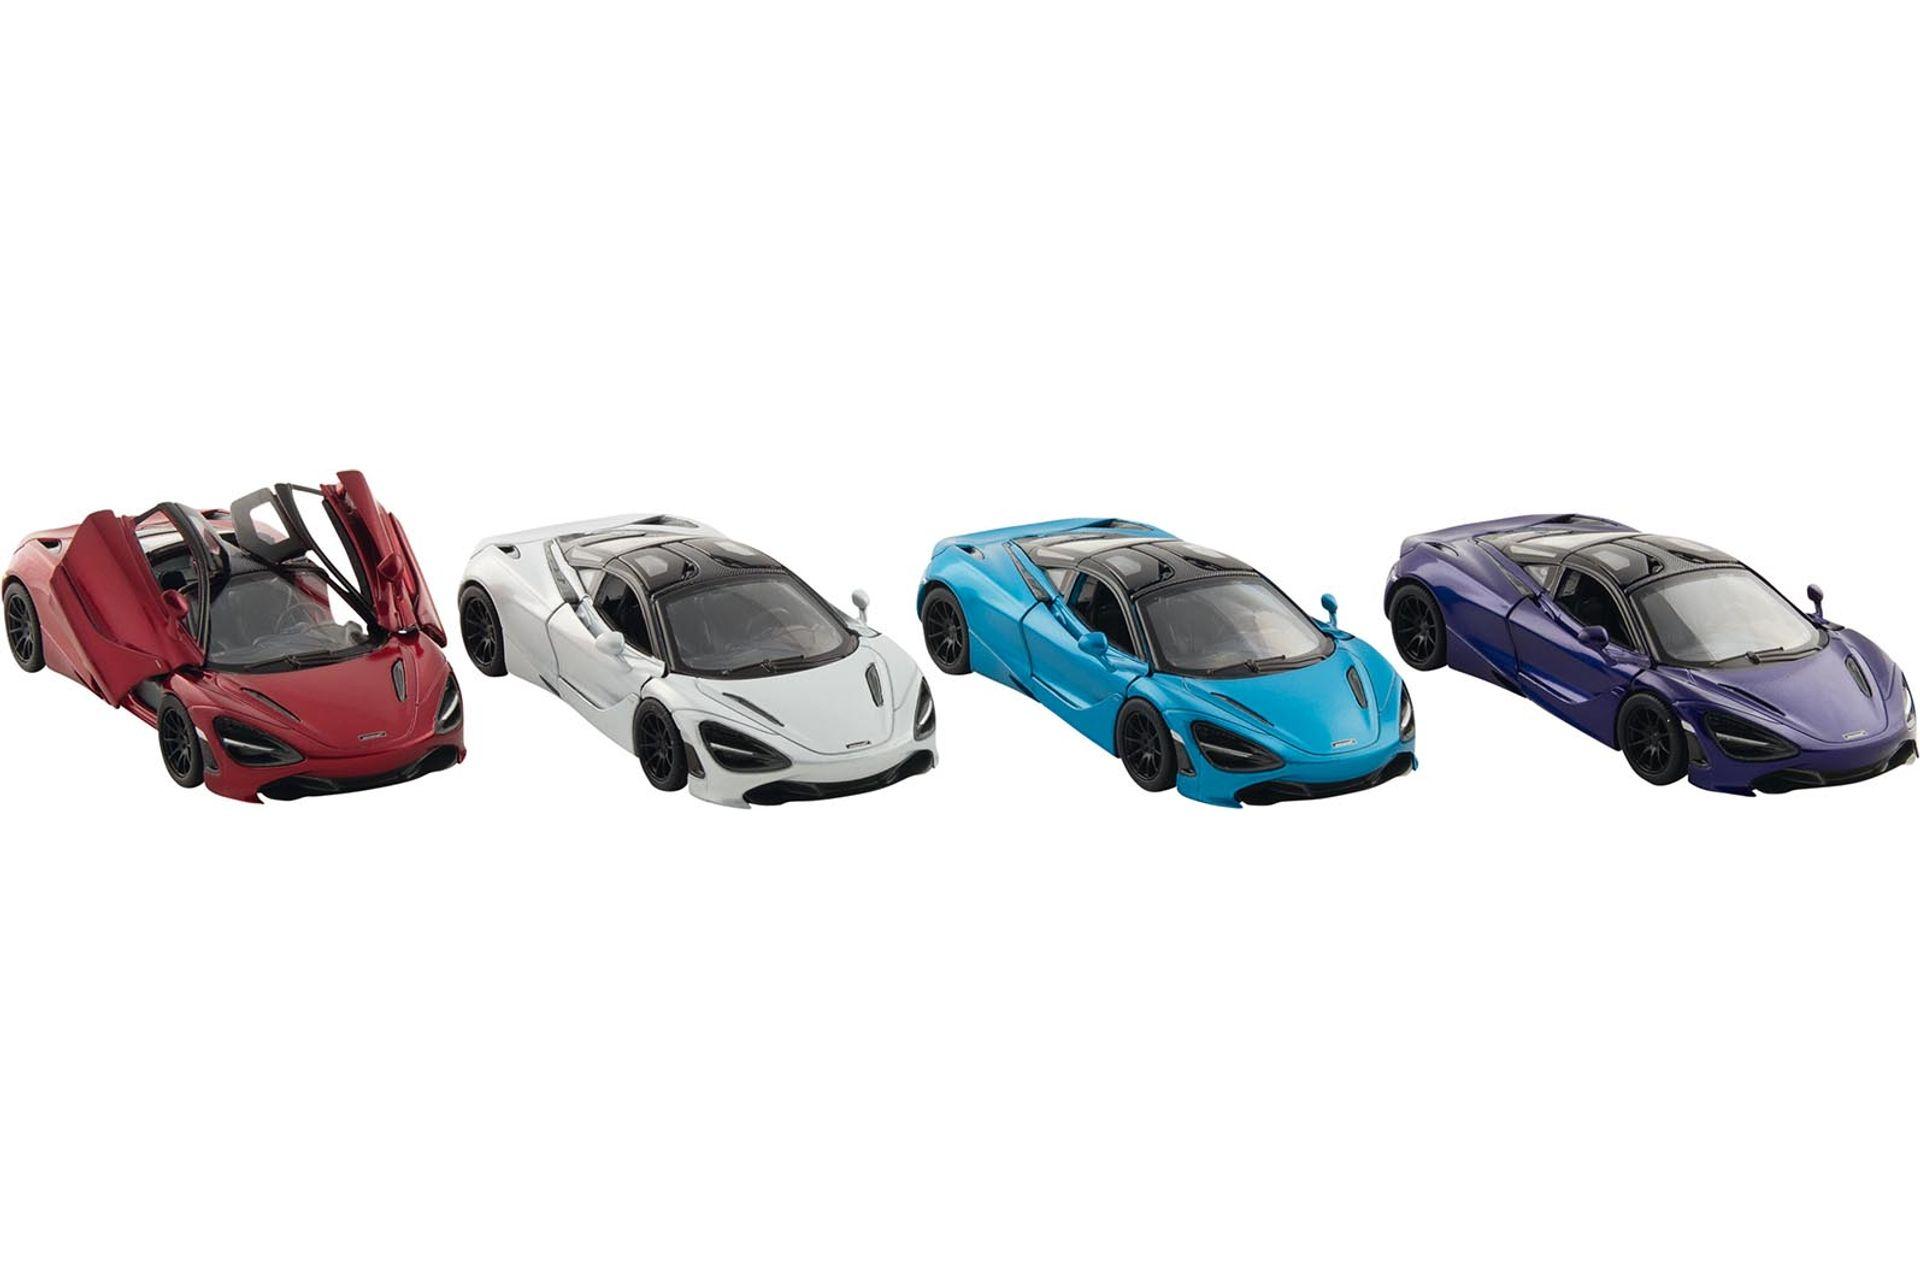 Jucarie - Masinuta McLaren 720S - mai multe modele | Goki